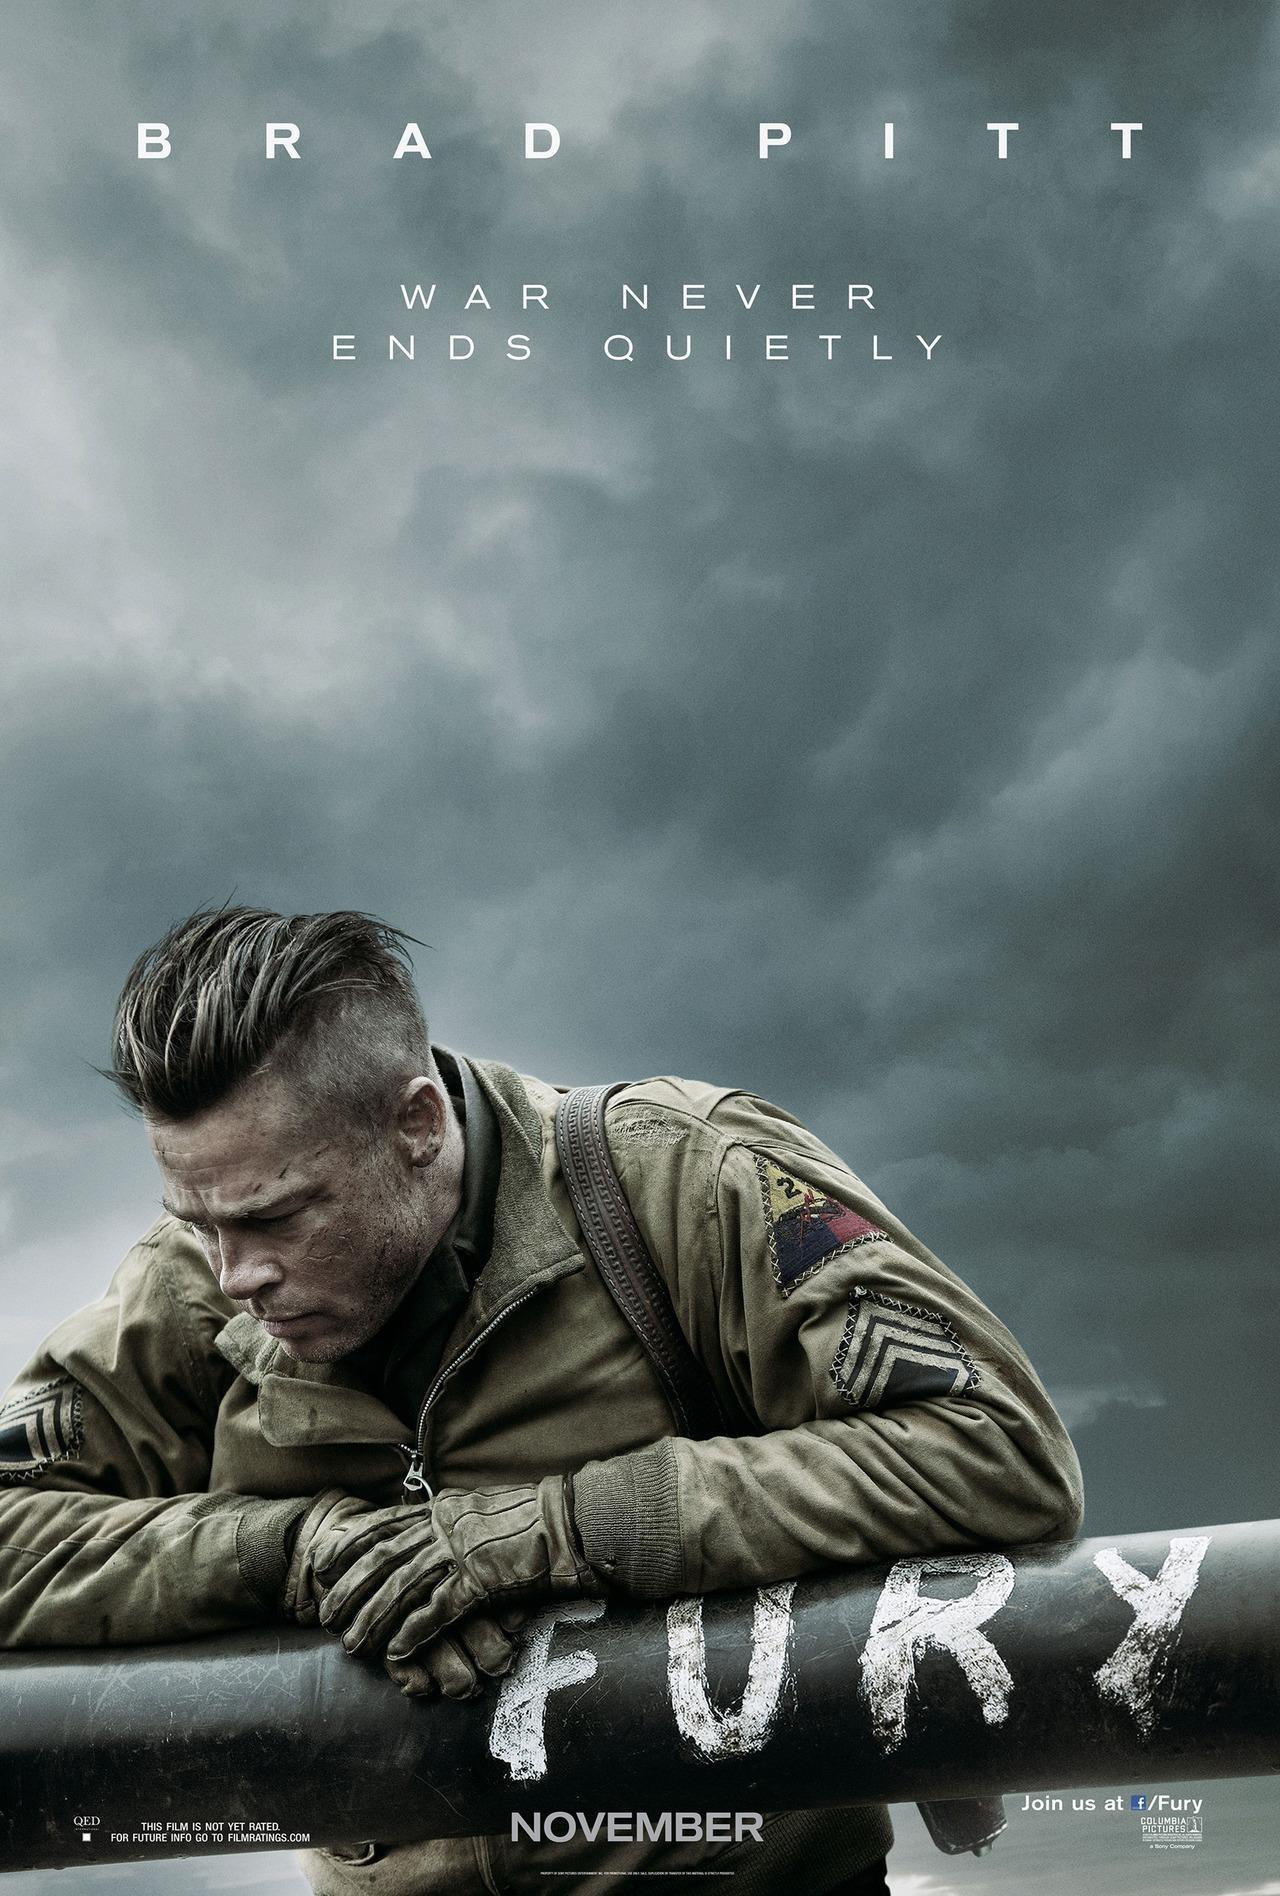 """皮特新片《狂怒》(Fury)曝首款海报 坦克小分队将执行""""死亡任务"""""""